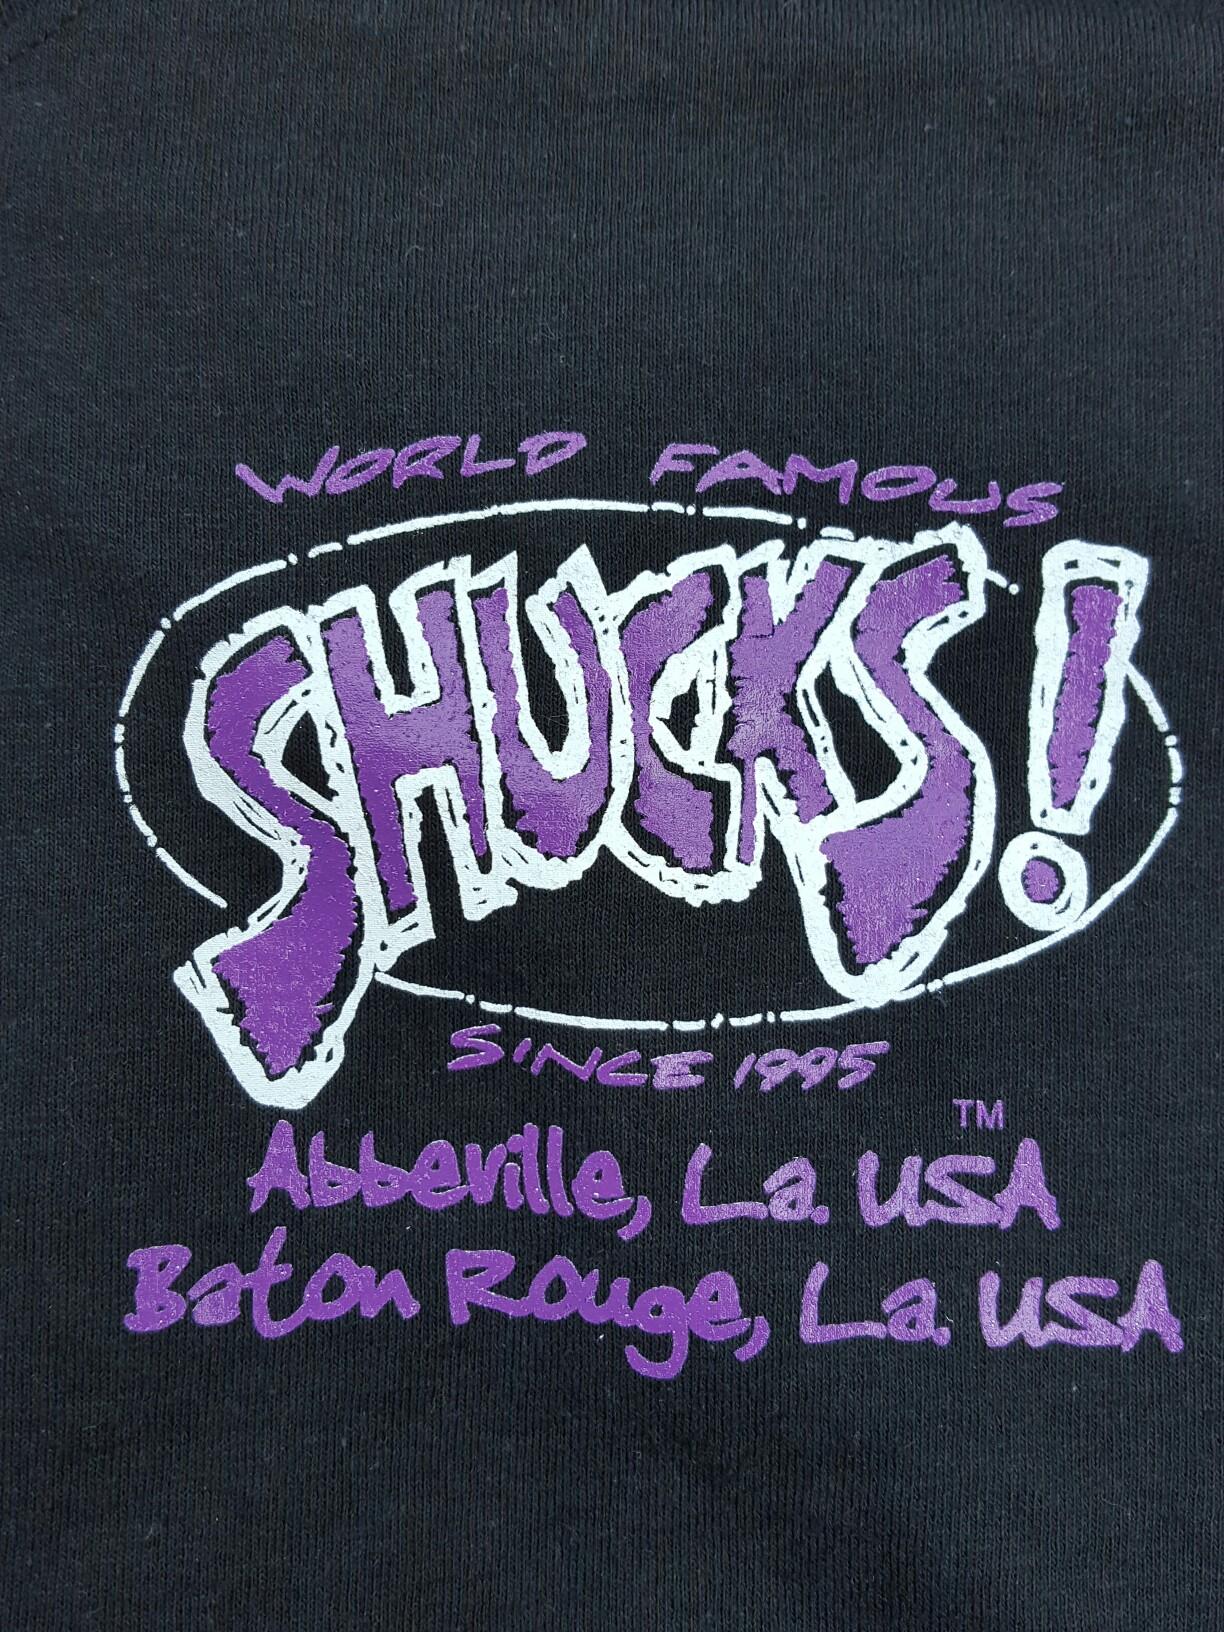 Shucks The Louisiana Seafood House, Abbeville LA